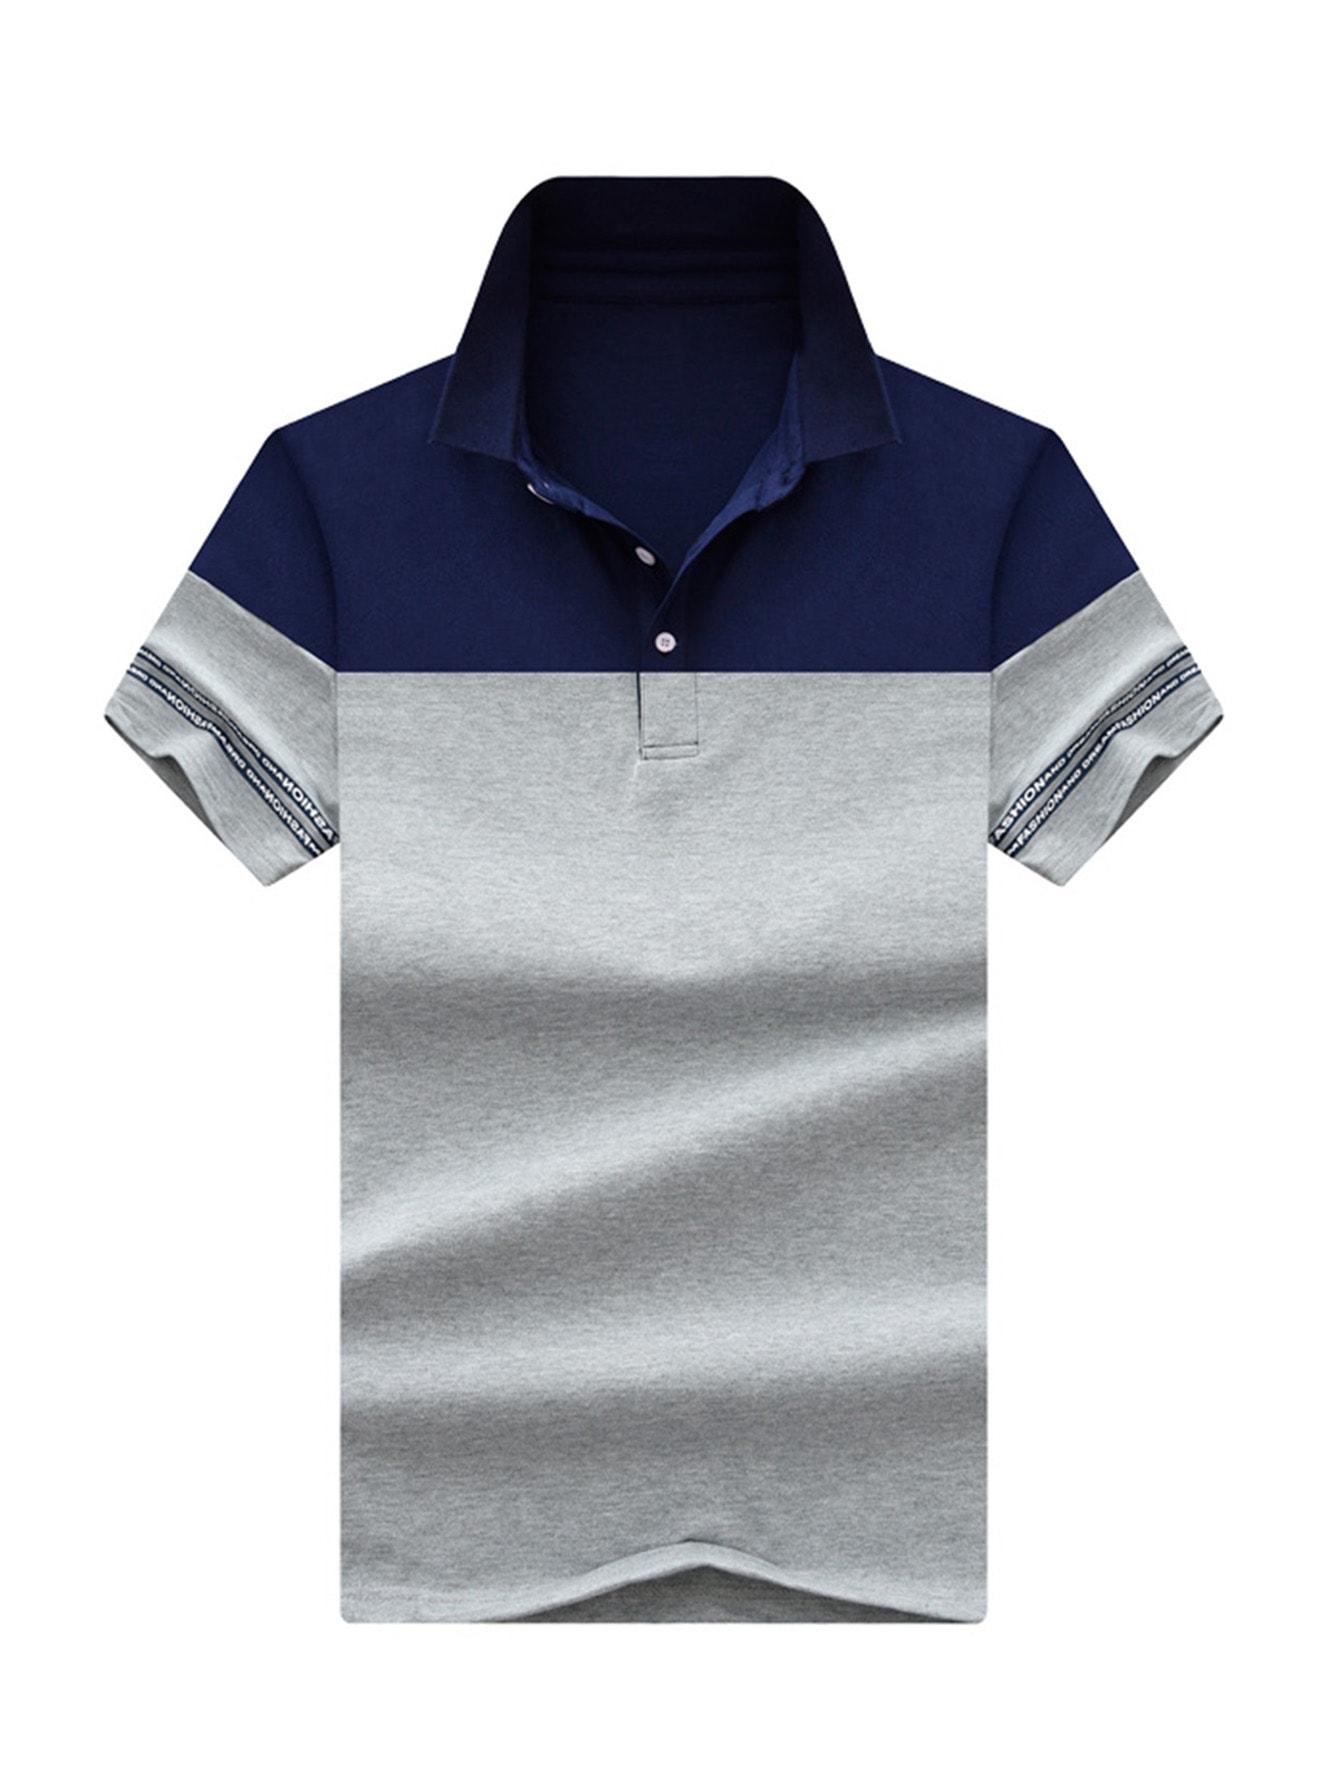 Мужская рубашка с полосками для мужчин, null, SheIn  - купить со скидкой